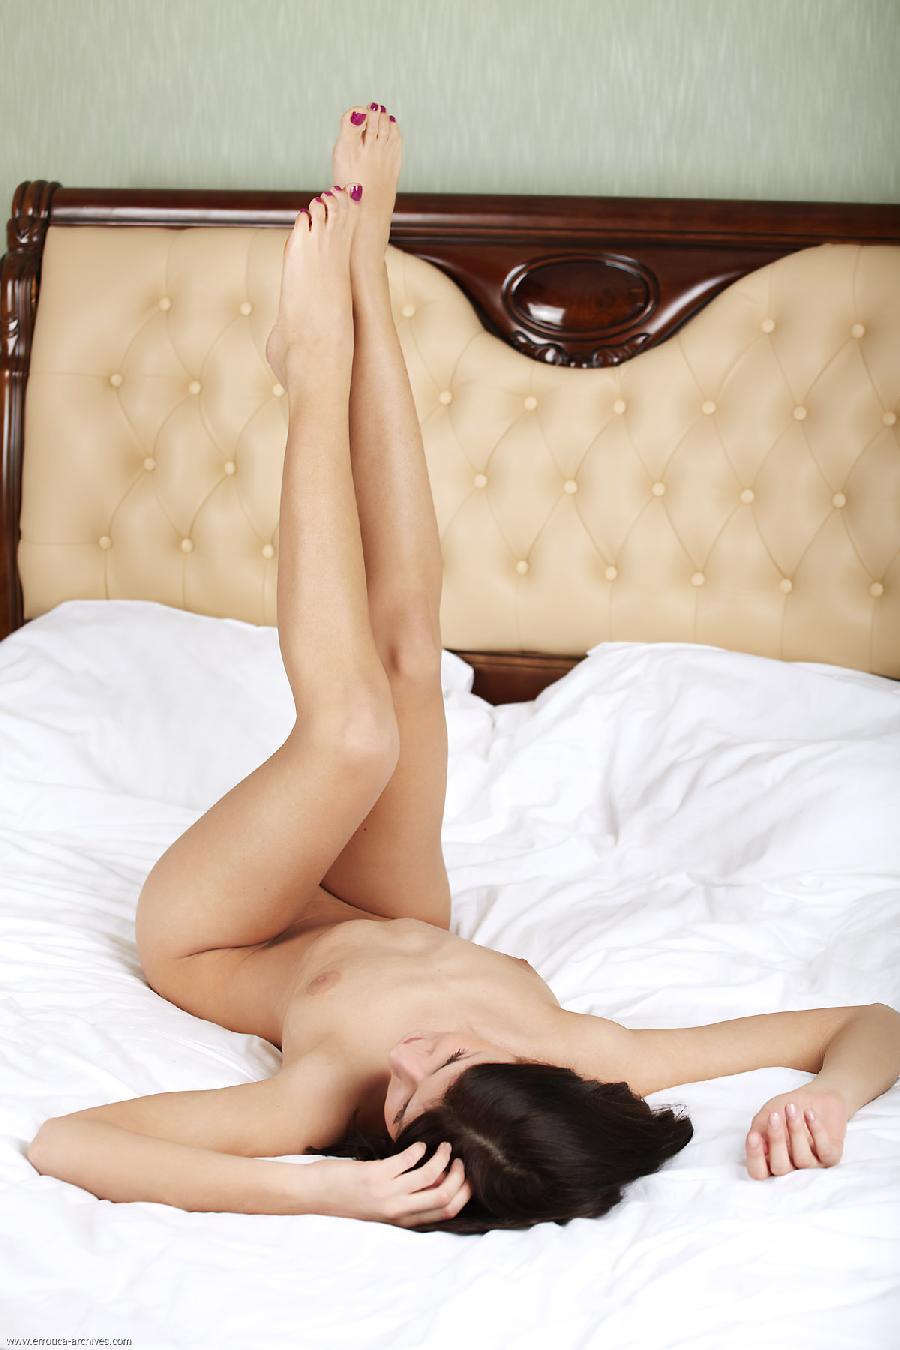 Gerda likes sleep naked - 12